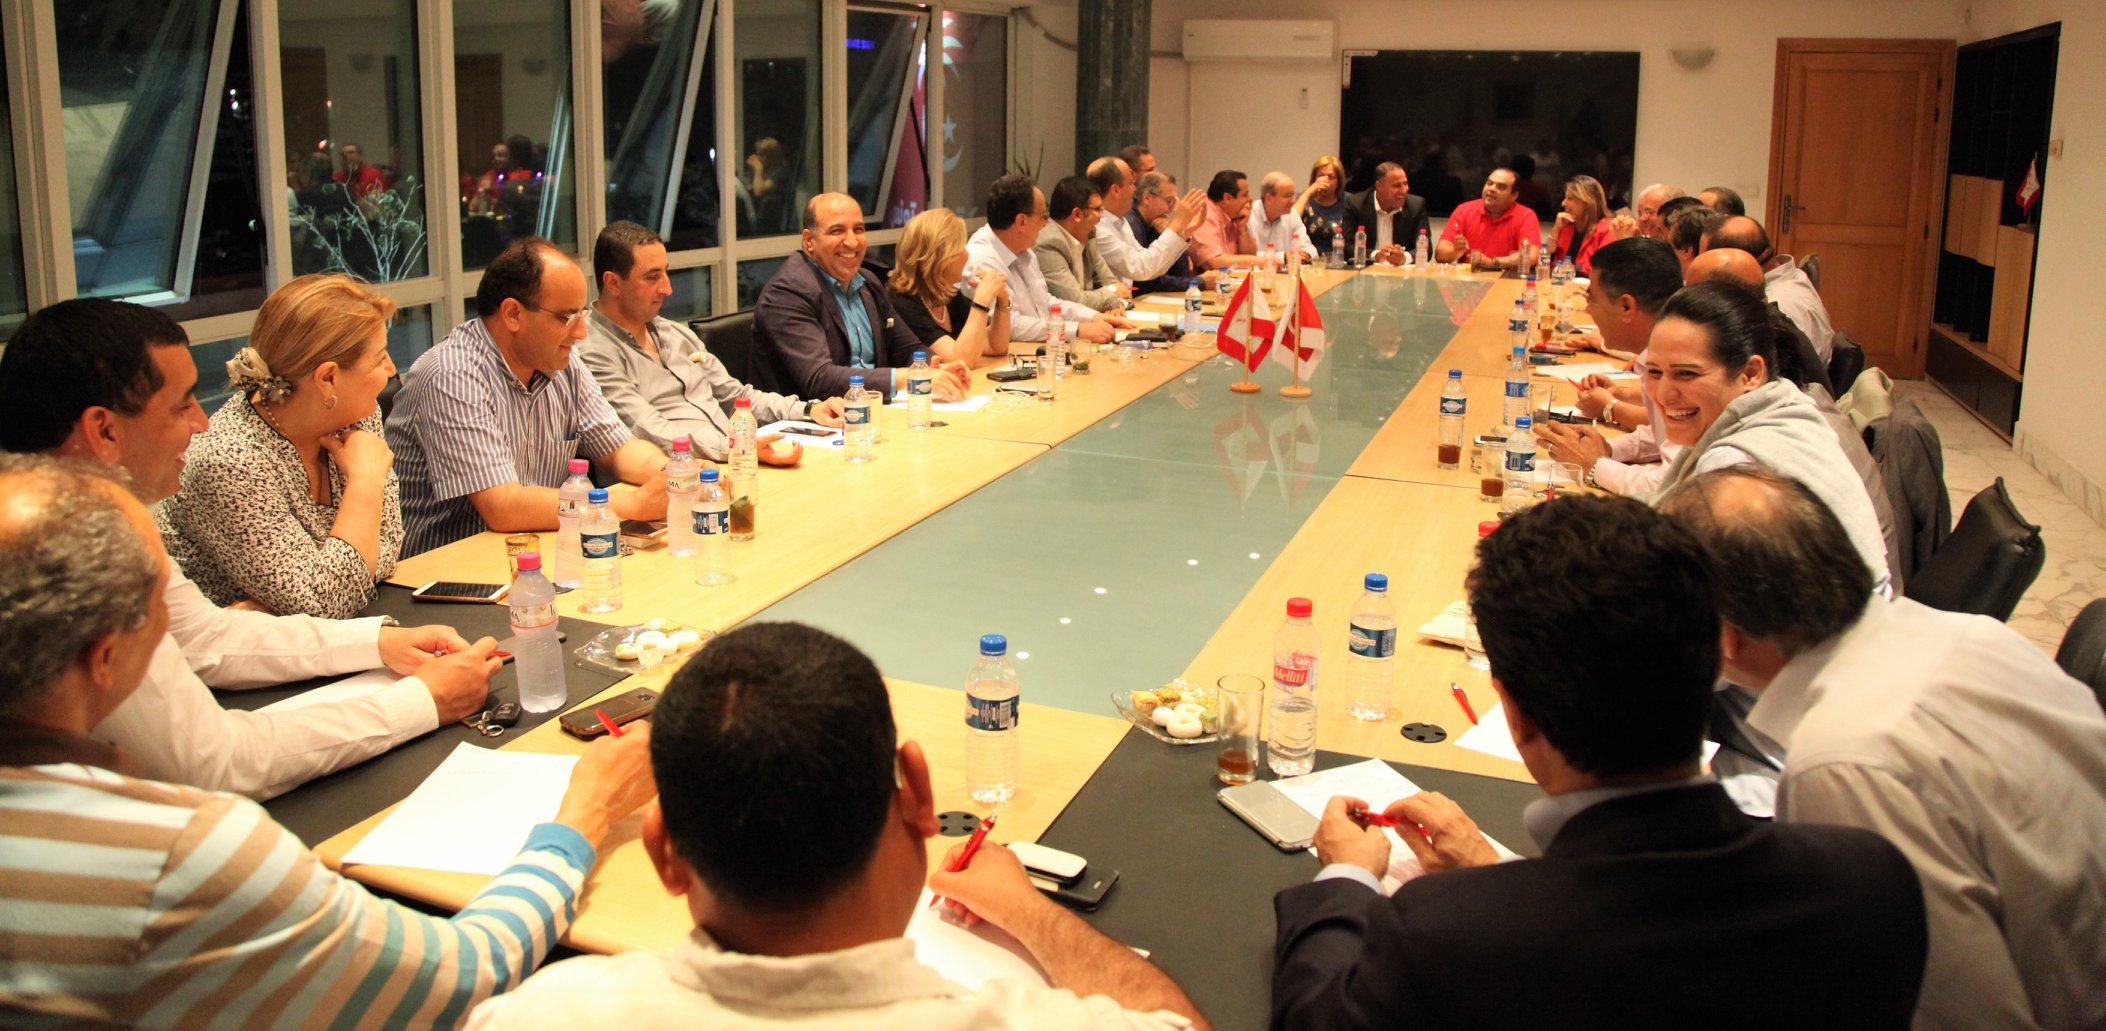 قد يطلب منهم الاستقالة: نداء تونس يدعو وزراءه لاجتماع عاجل